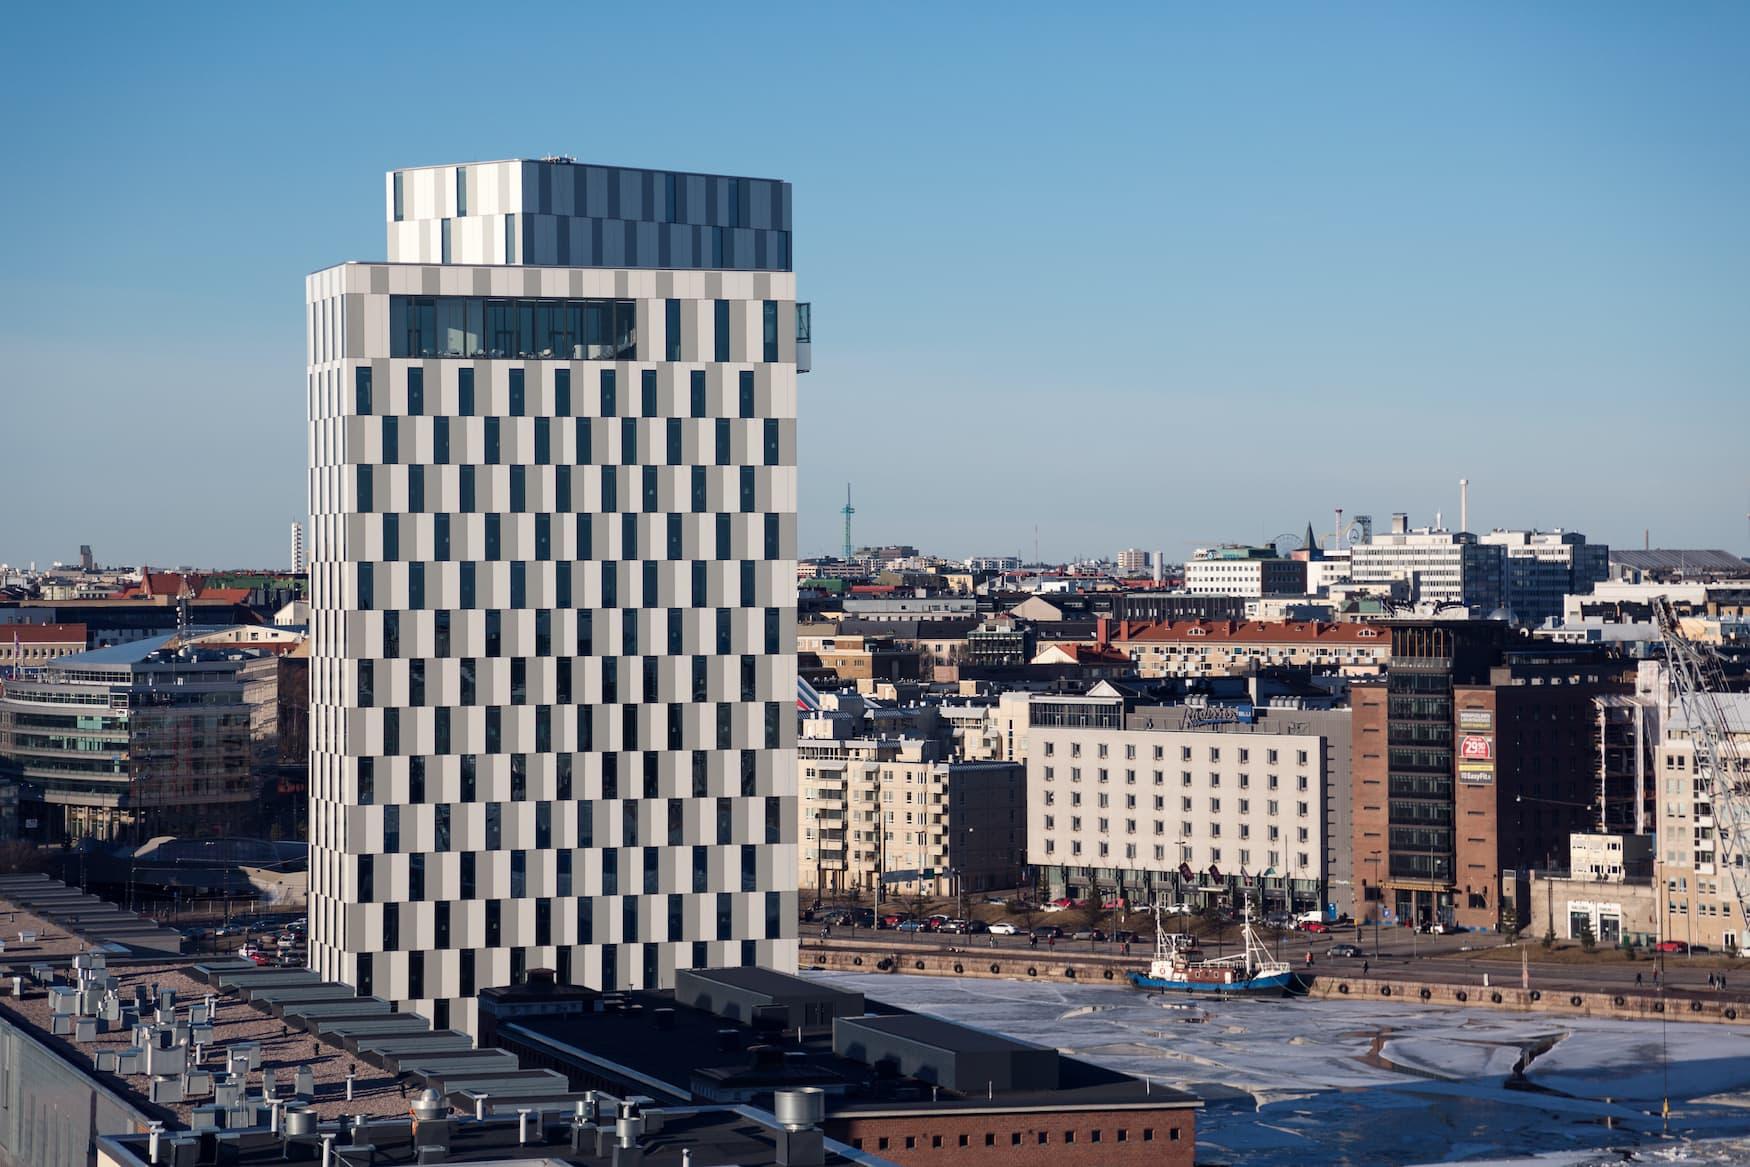 Das hohe Gebäude des Hotels fällt in der Skyline von Helsinki definitiv auf.